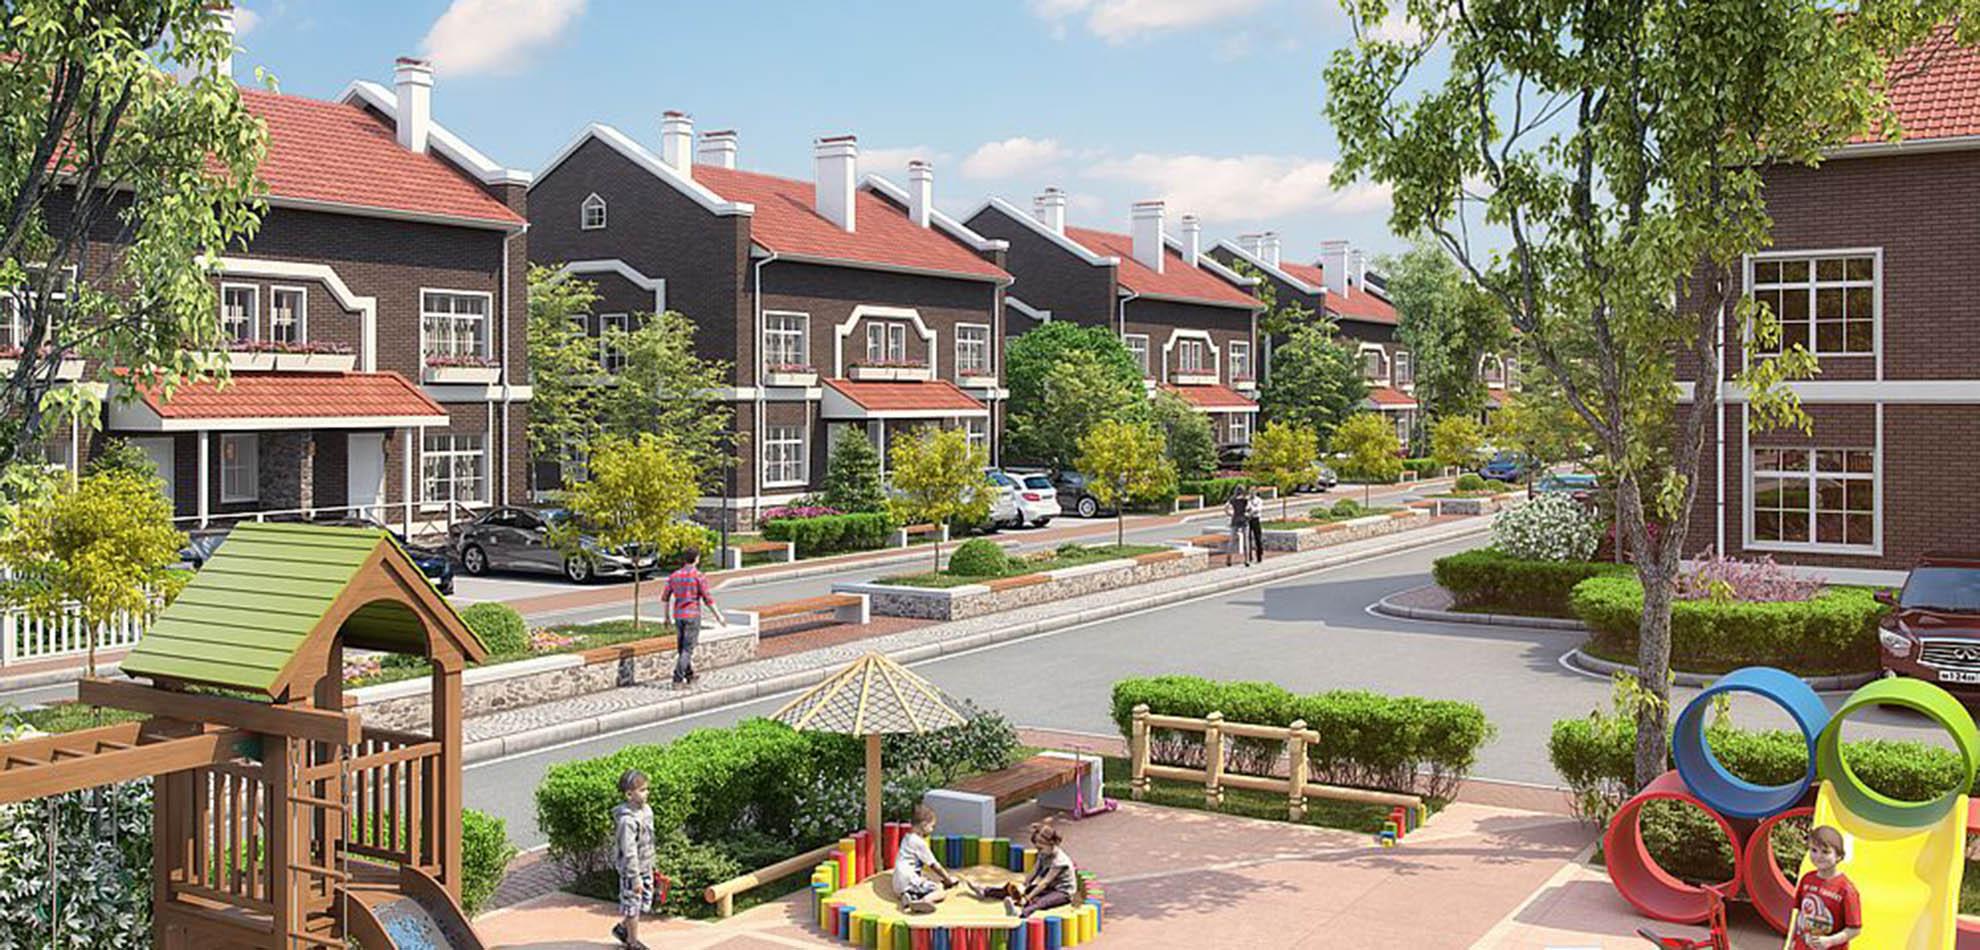 Жизнь в таунхаусах предполагает близкое соседство с другими семьями